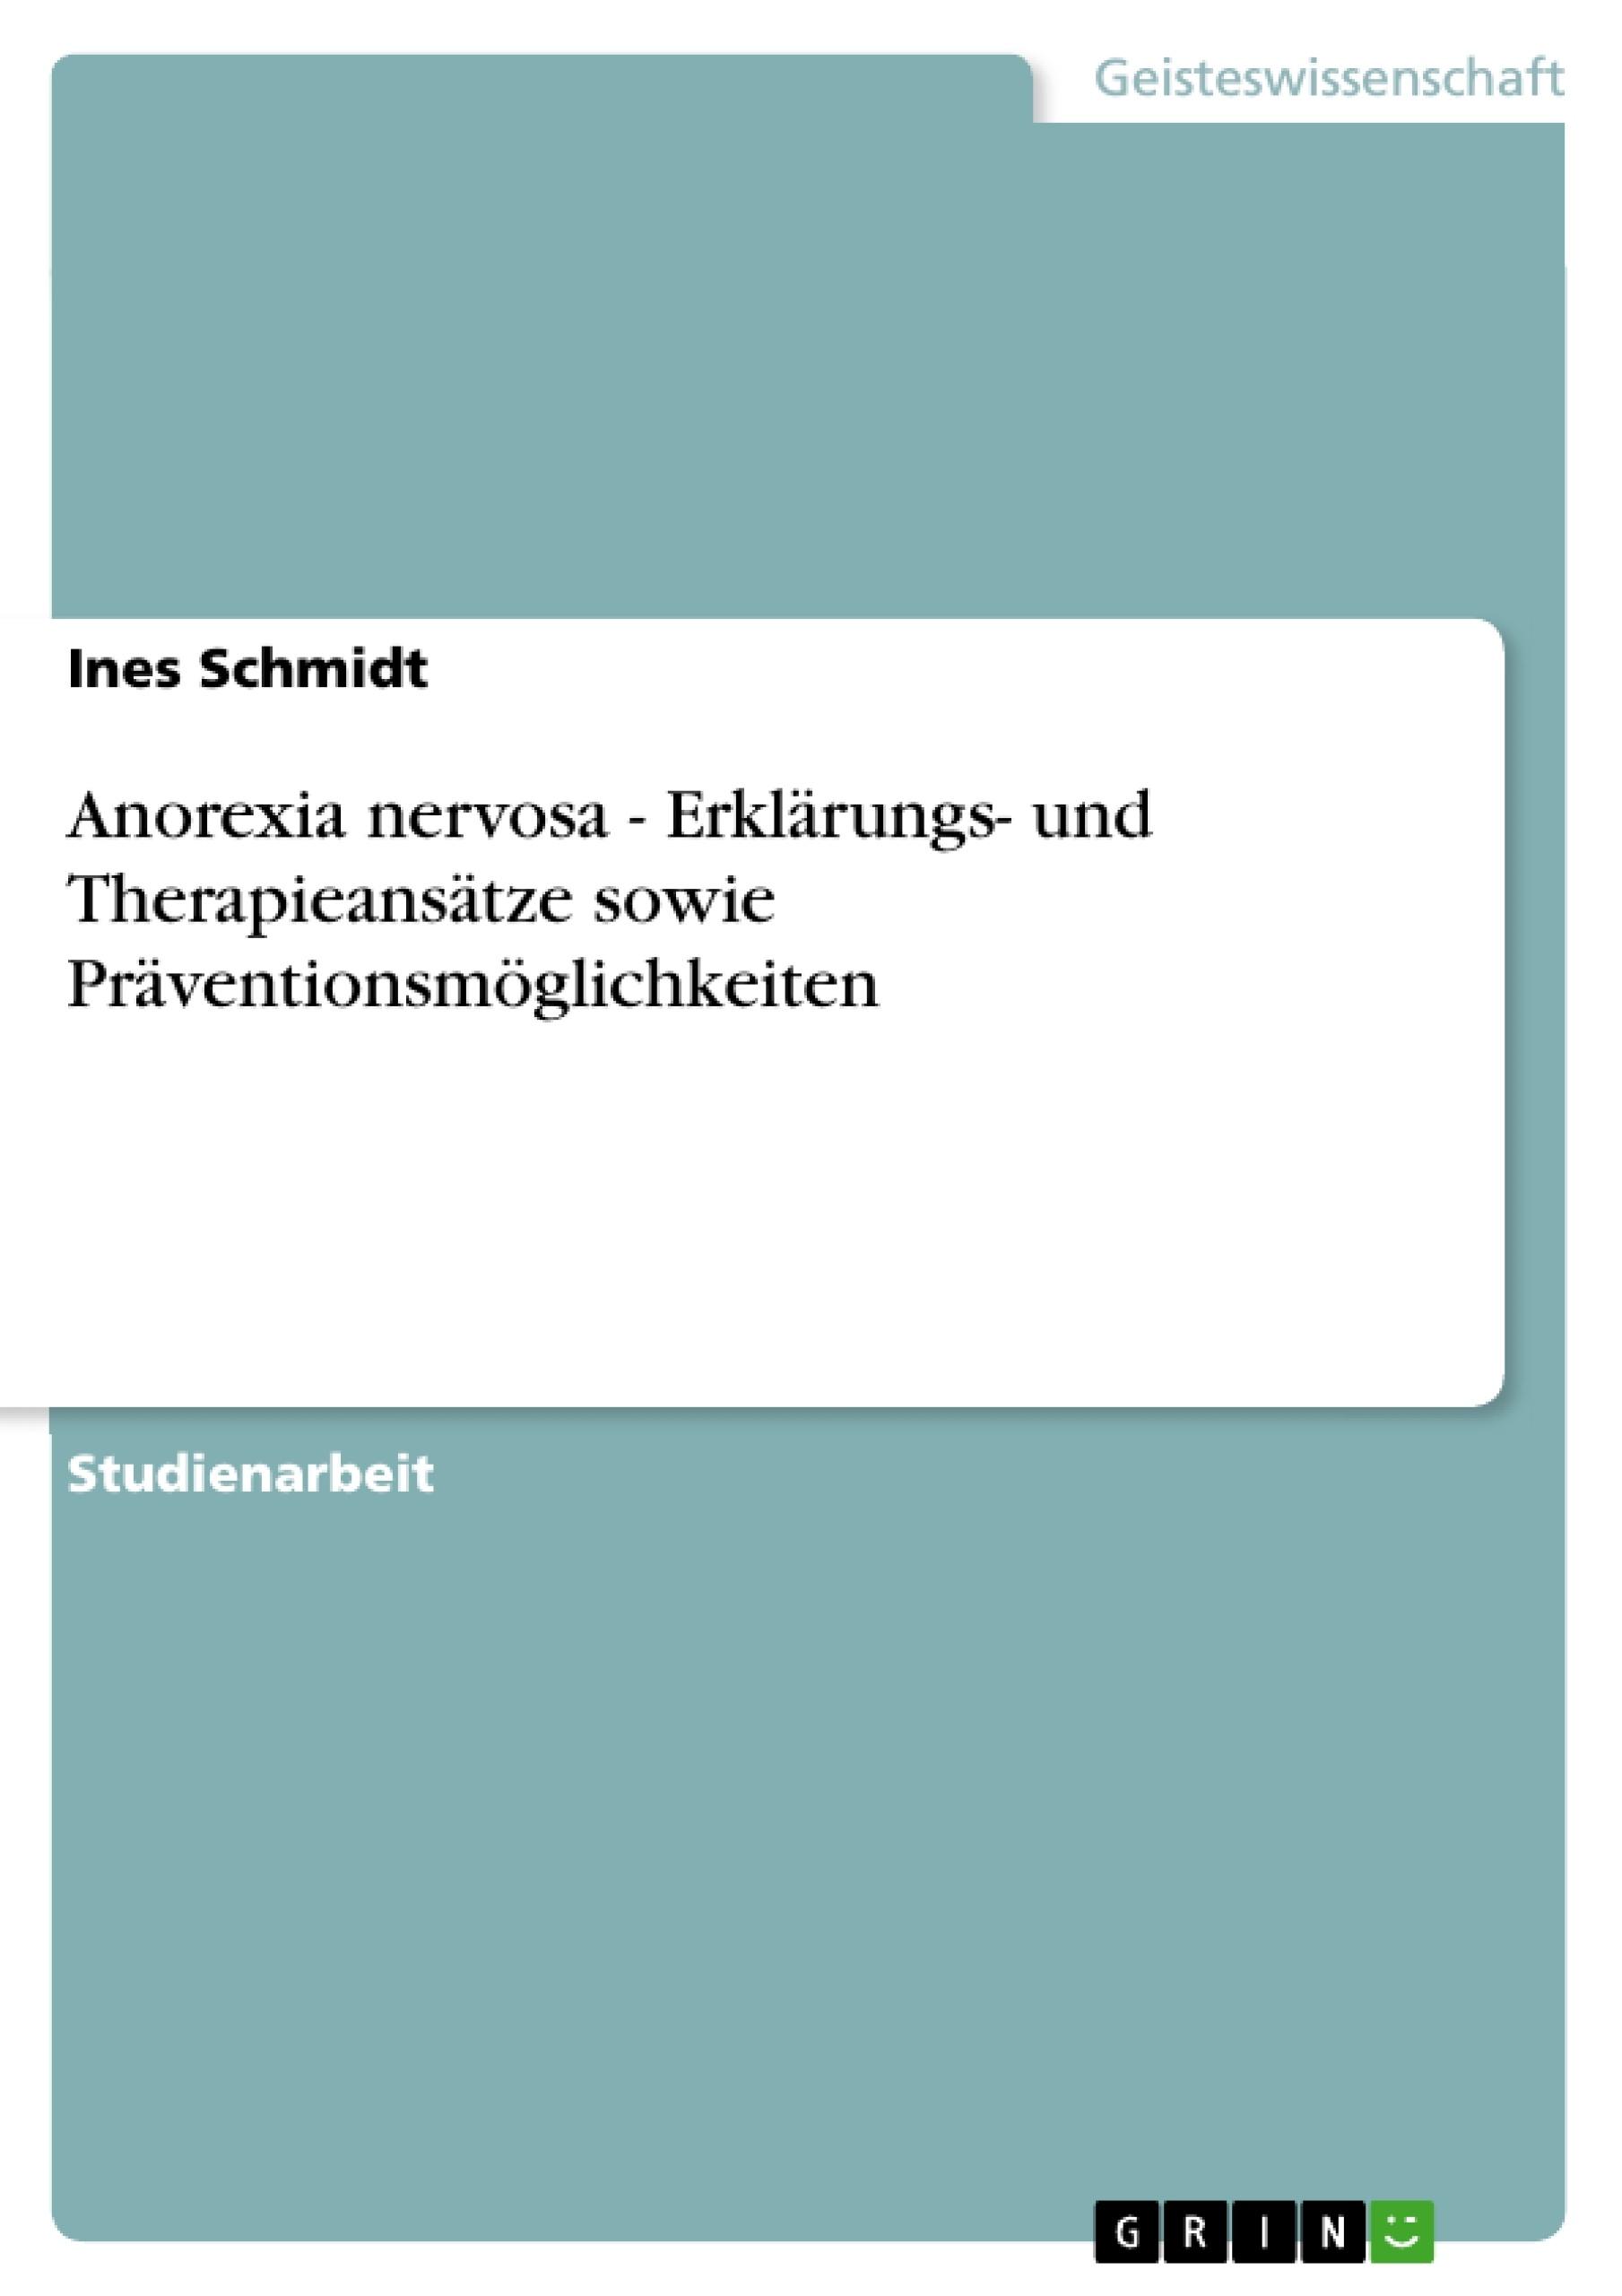 Titel: Anorexia nervosa - Erklärungs- und Therapieansätze sowie Präventionsmöglichkeiten